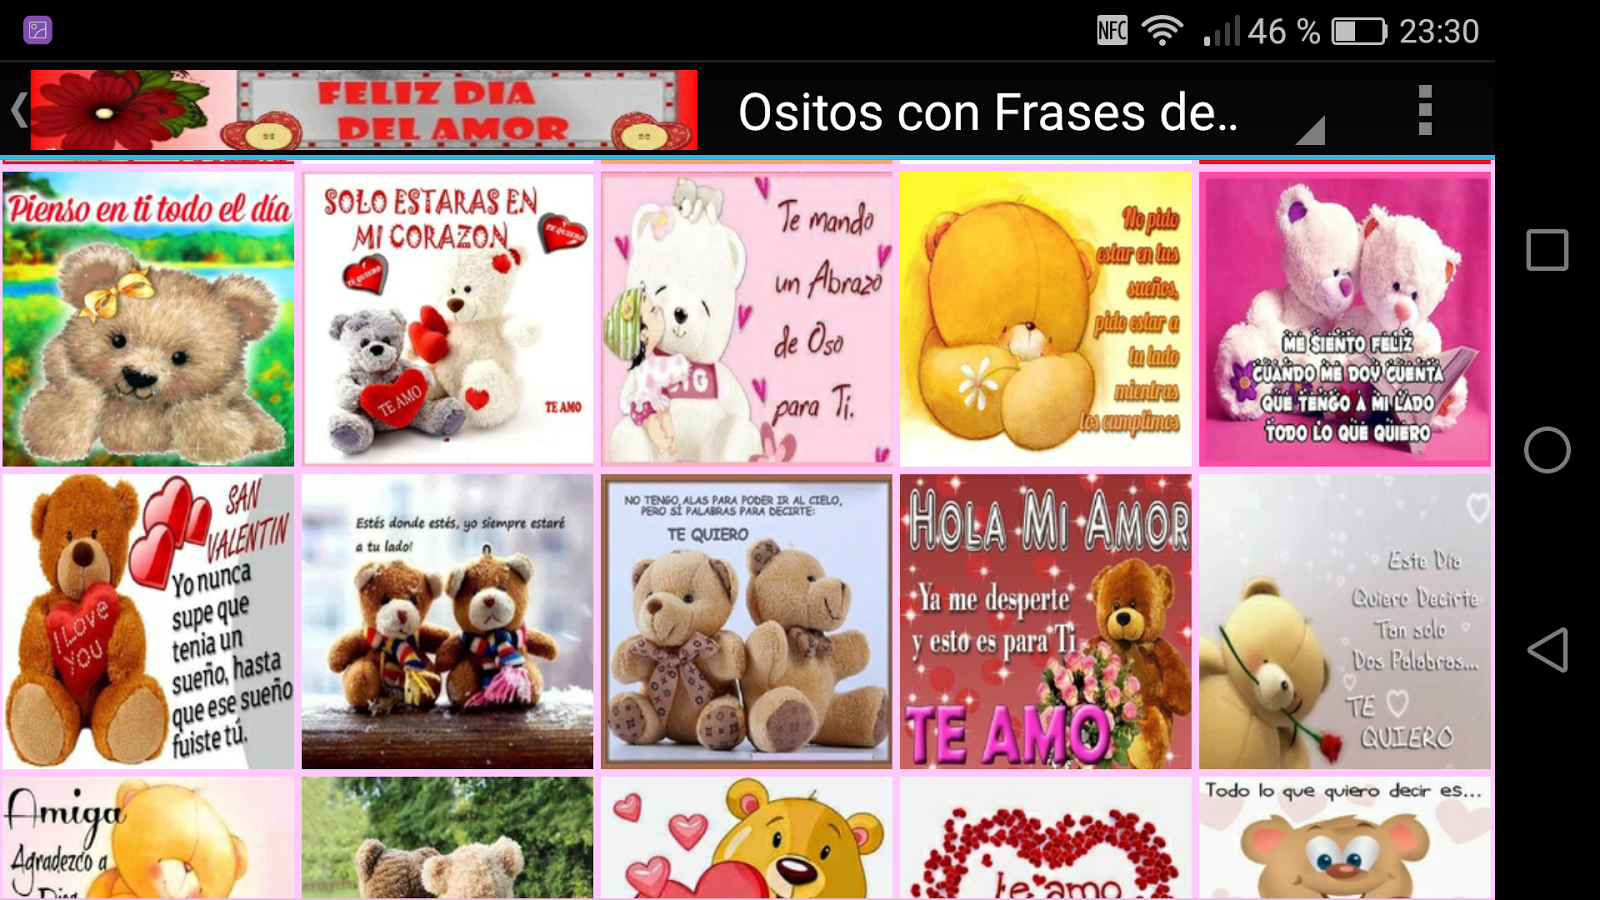 Ositos con Frases de Amor screenshot